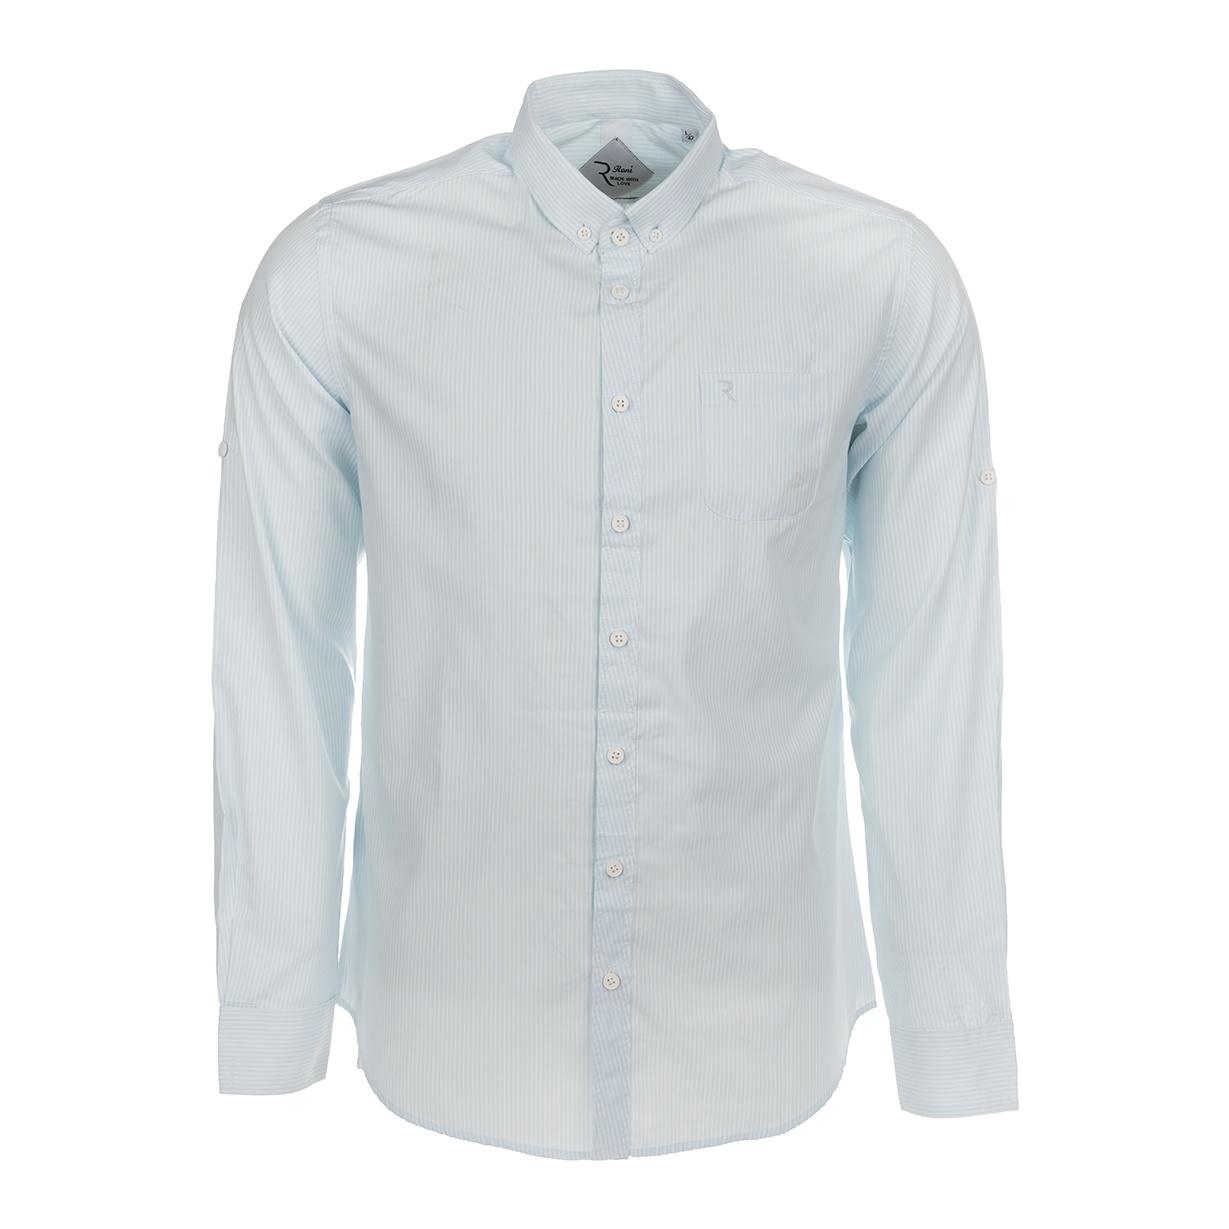 پیراهن مردانه رونی مدل 1122011624-50